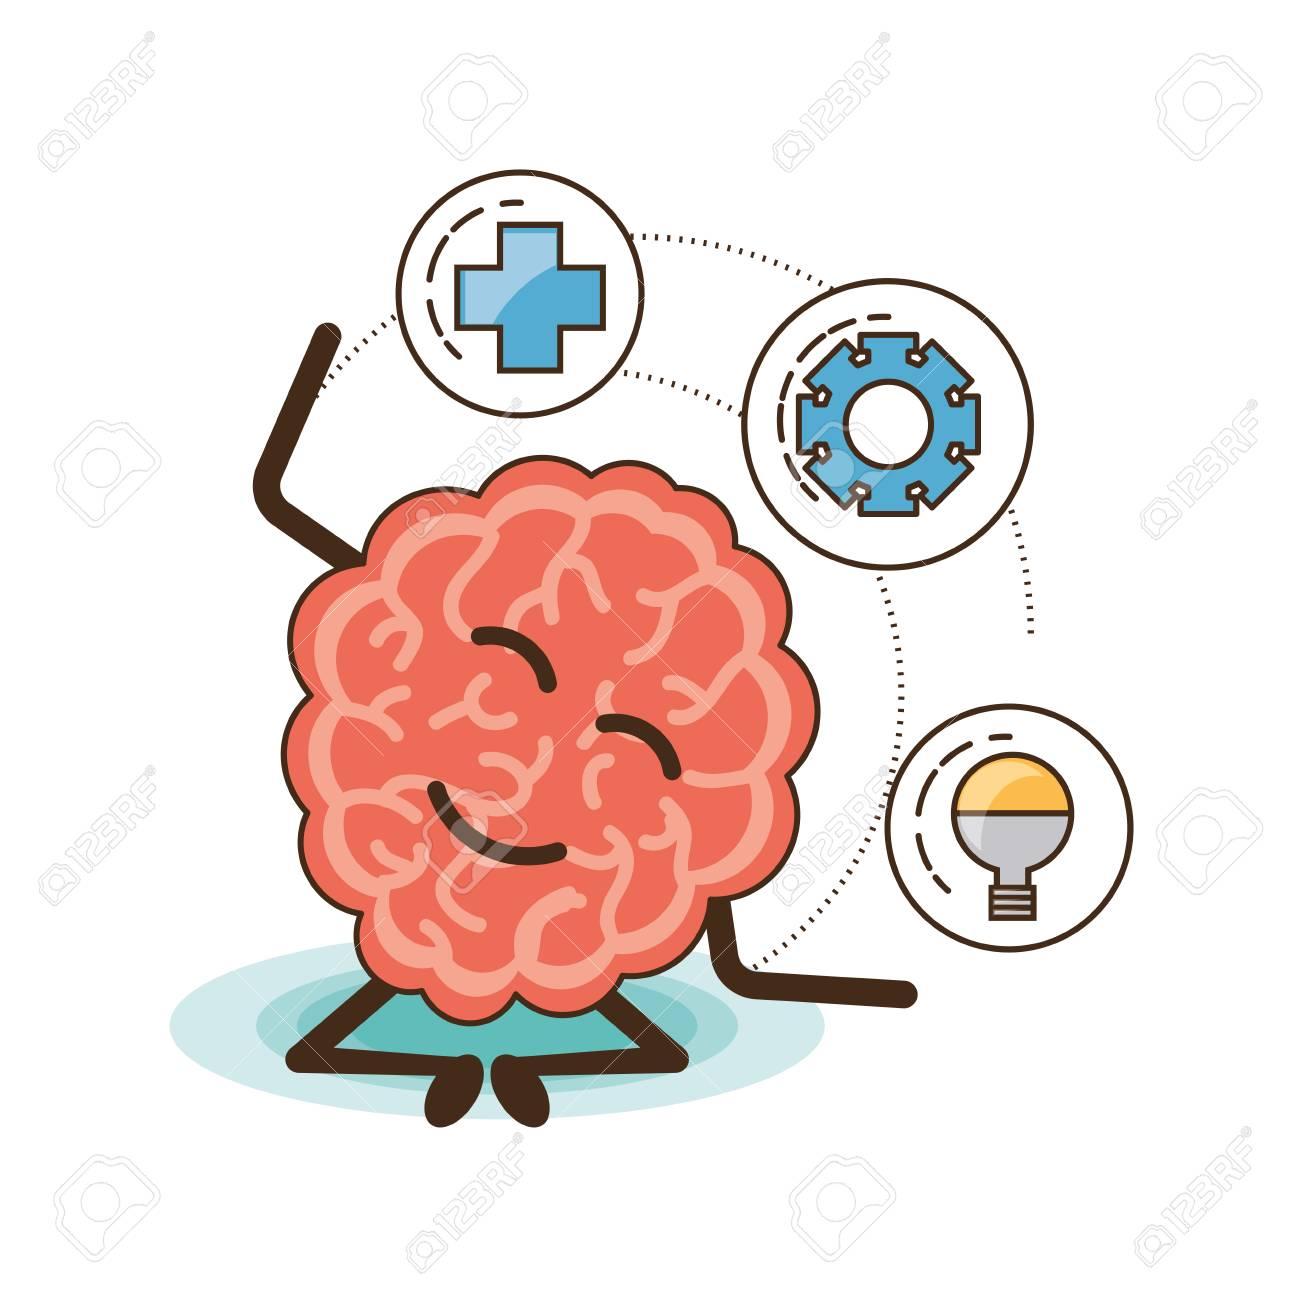 Dibujos Animados De Cerebro De Mente De Salud Mental Y Tema Pacífico Ilustración Vectorial